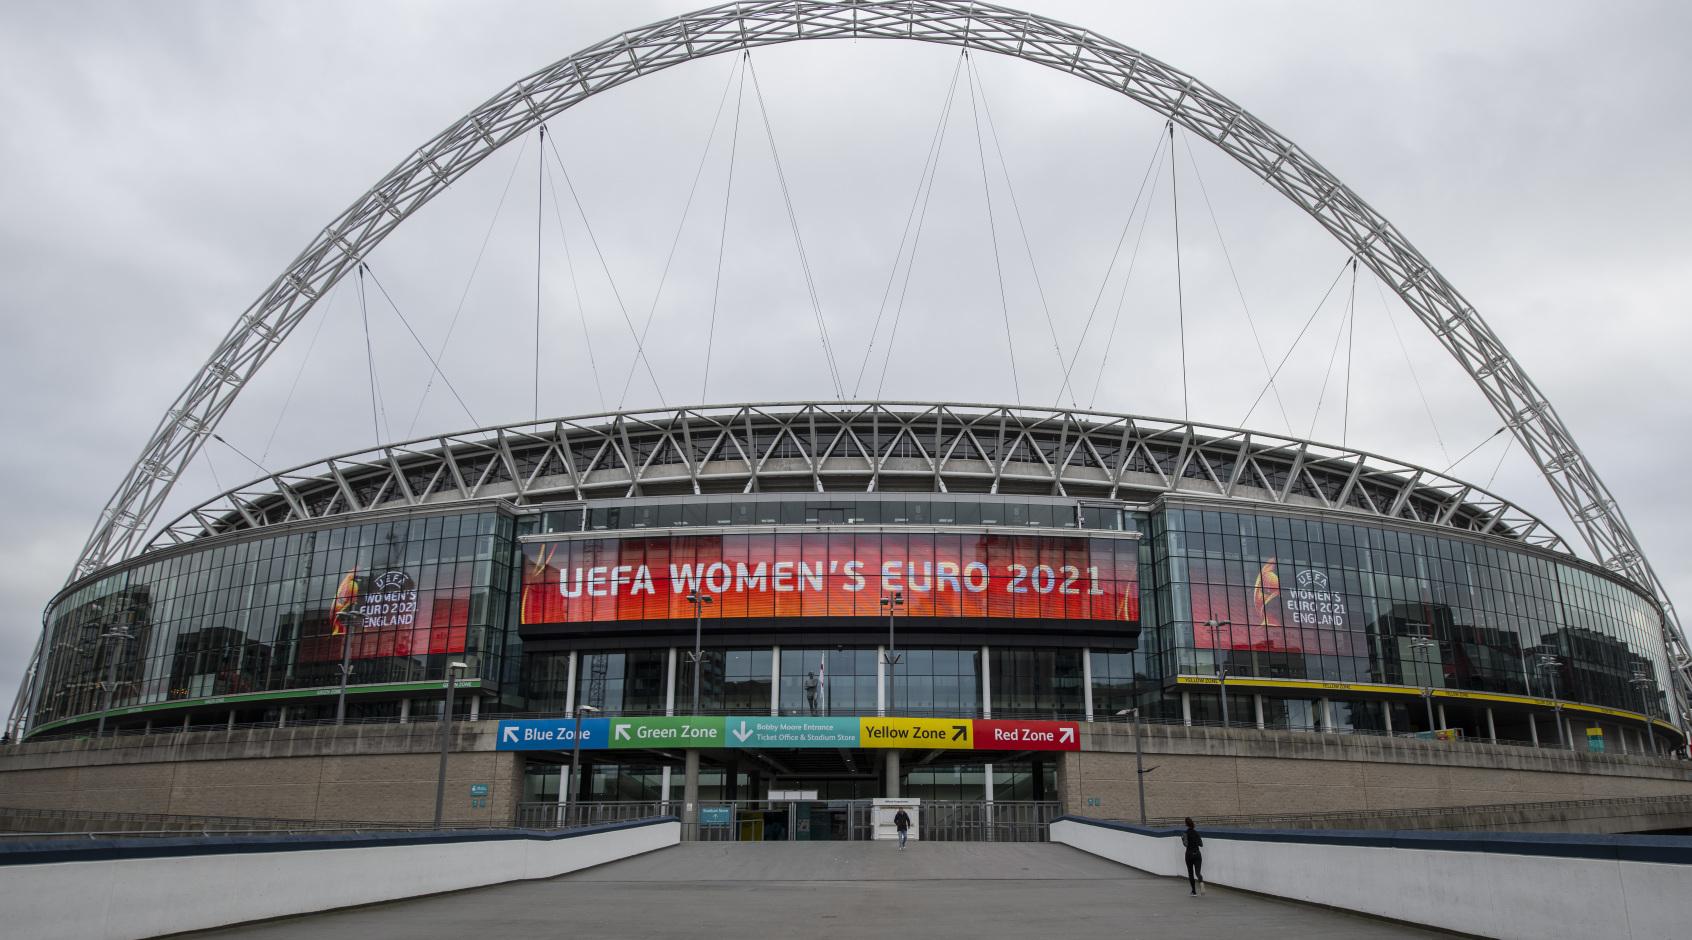 FA опасается, что в случае остановки сезона потери достигнут 300 млн. фунтов